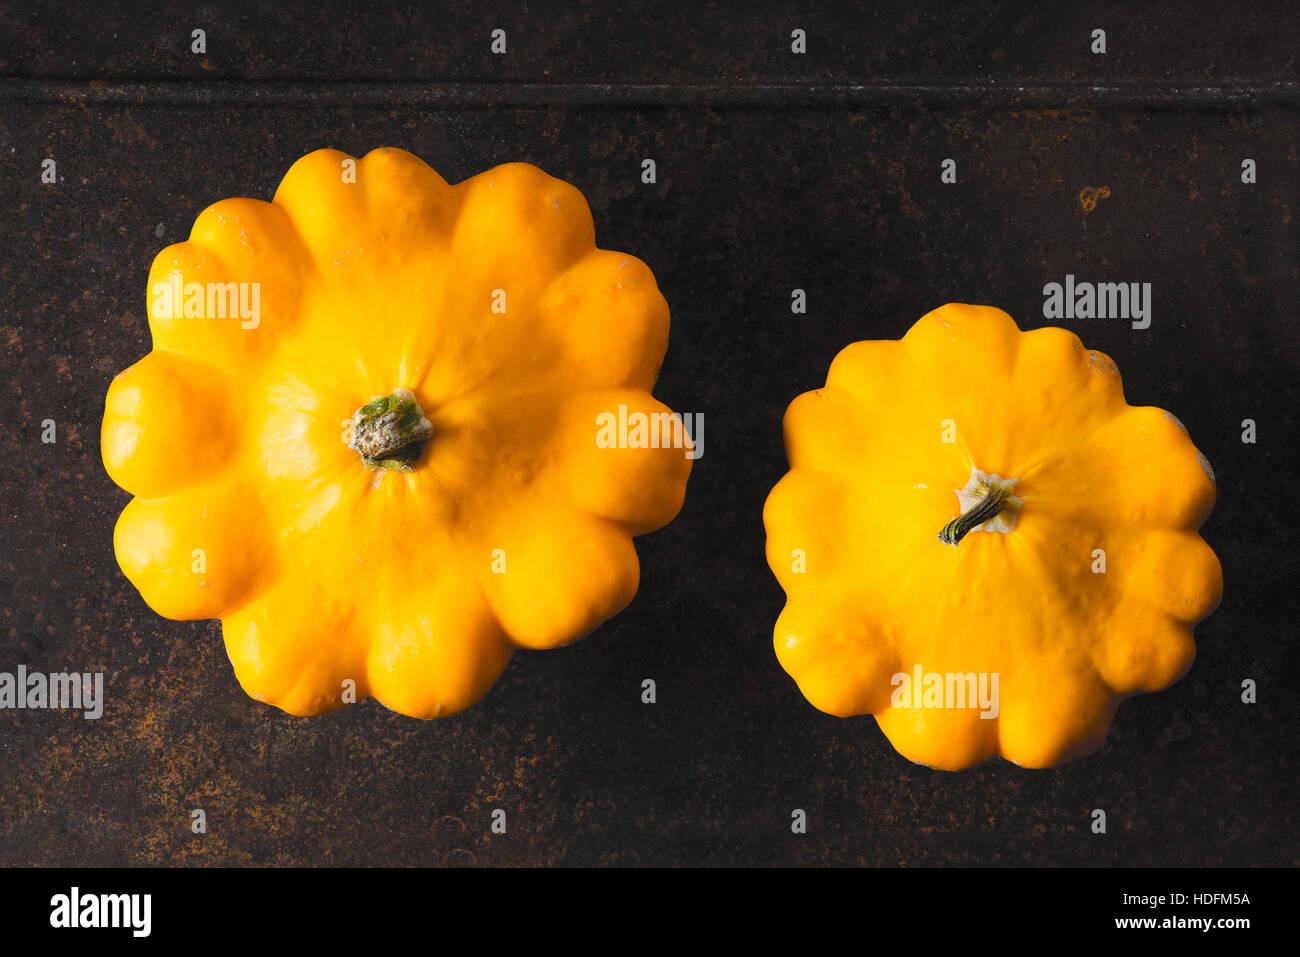 Amarillo pattypan fresca calabaza en el metal oxidado horizontal de fondo Imagen De Stock